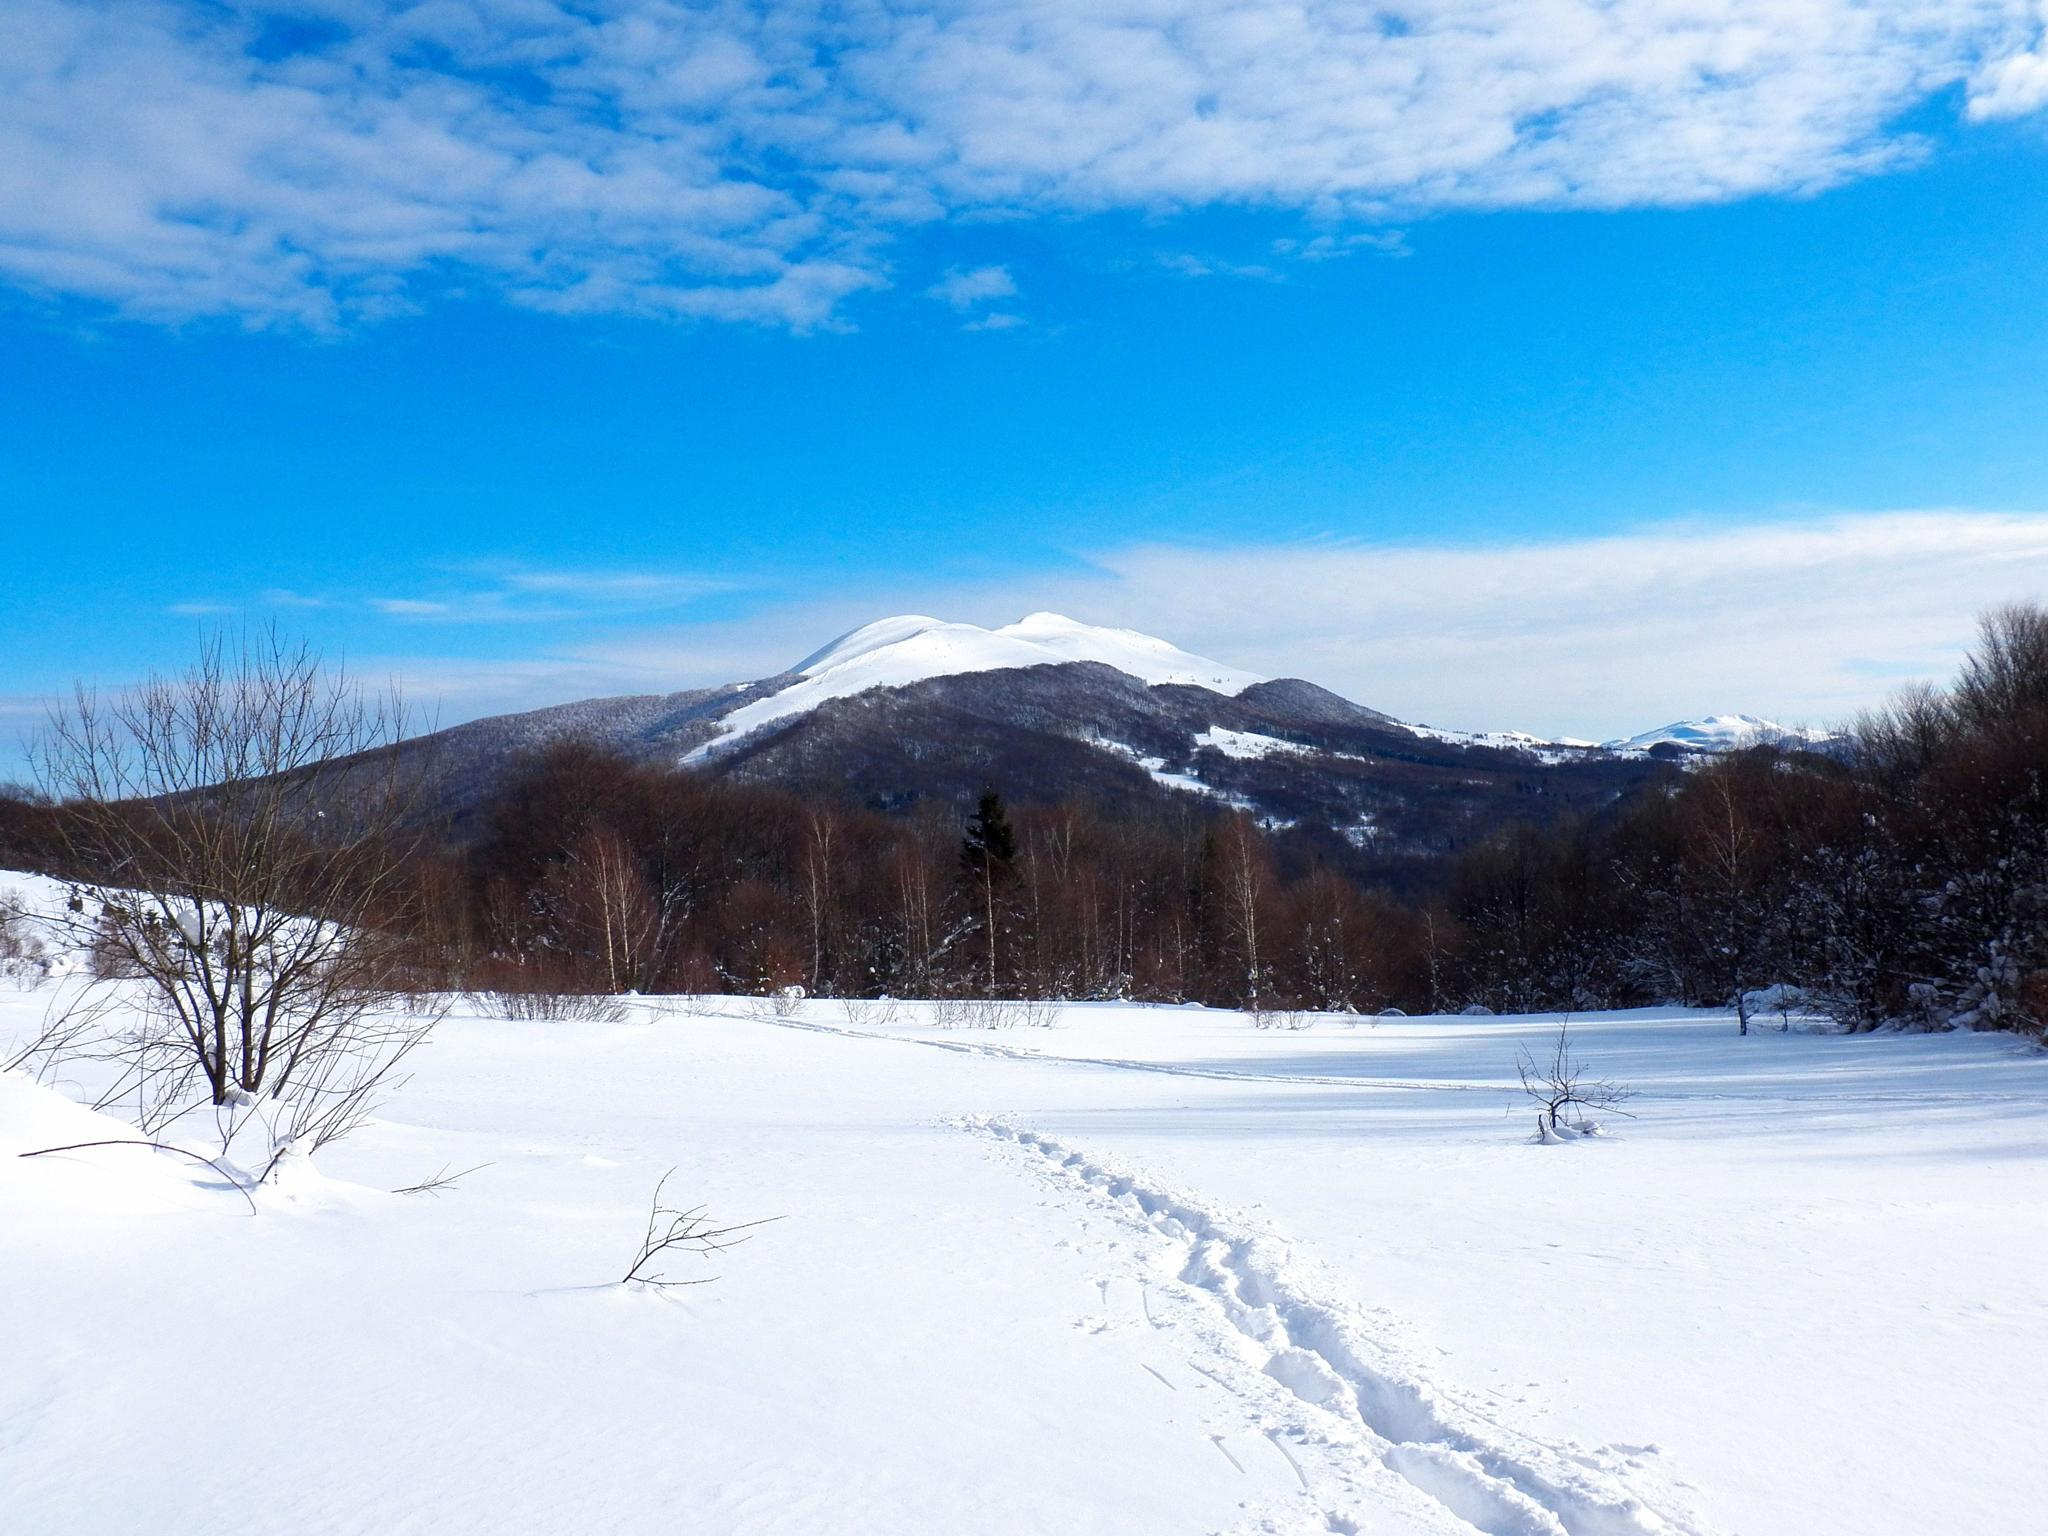 winter in mountains (mountains Bieszczady) by Stanislaw Bomba